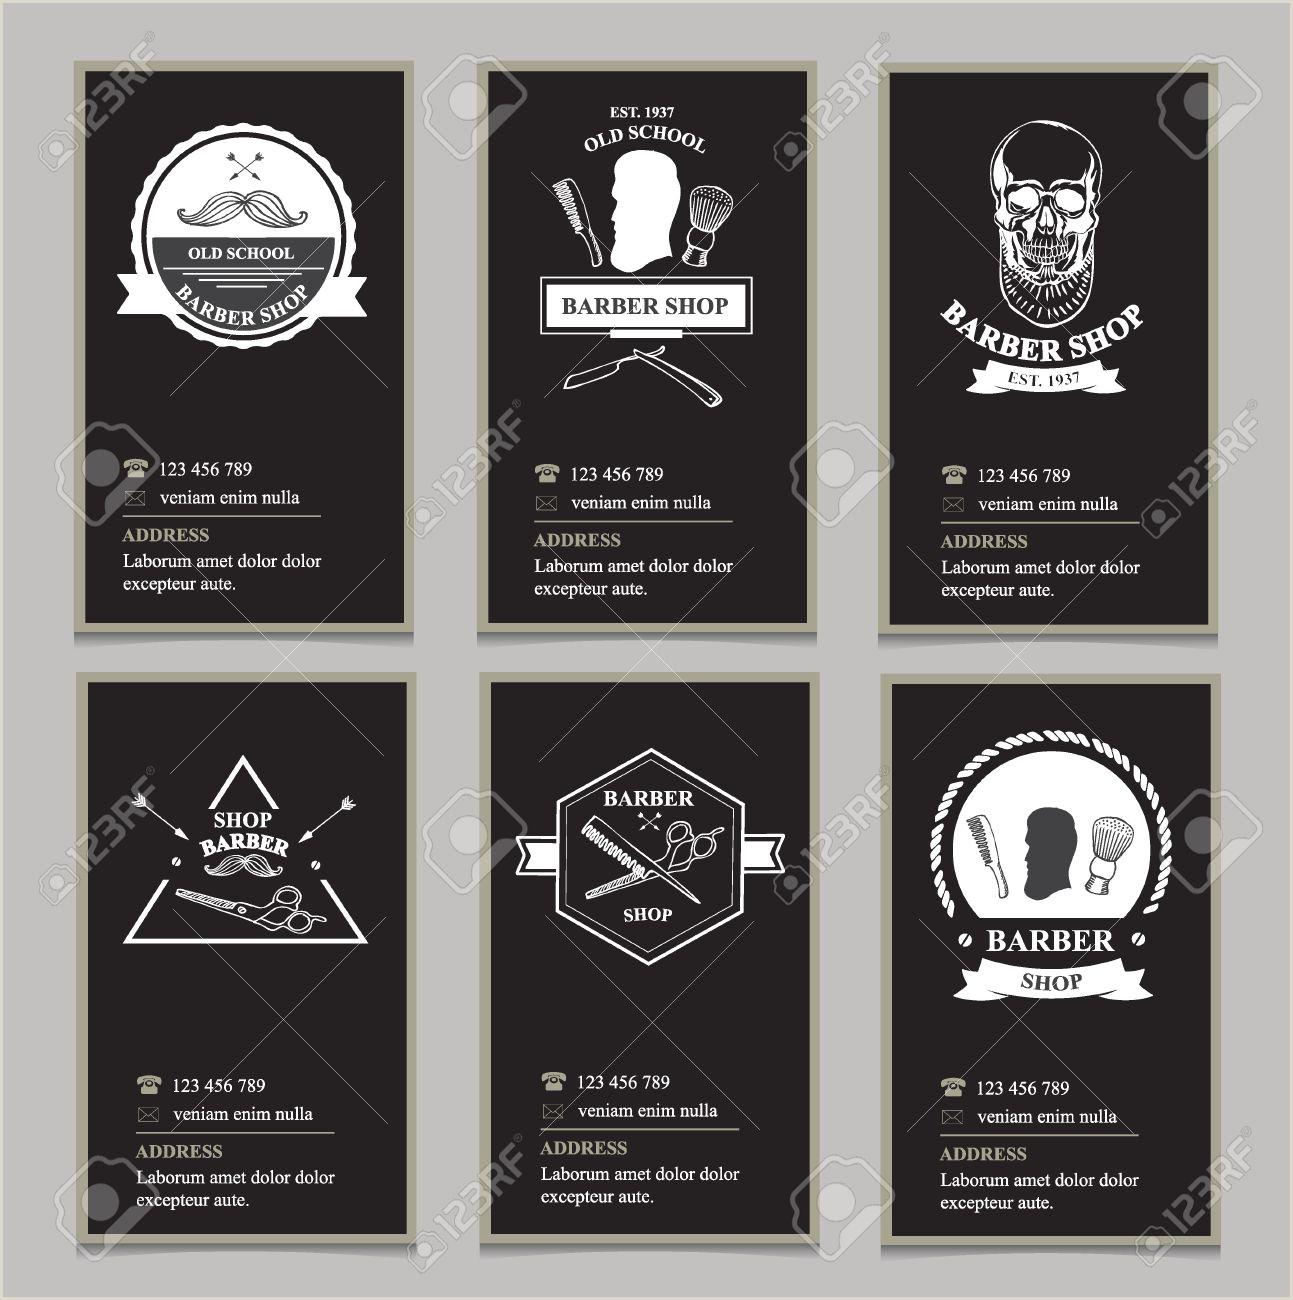 Unique Barber Shop Business Cards Visiting Card Design Barbershop